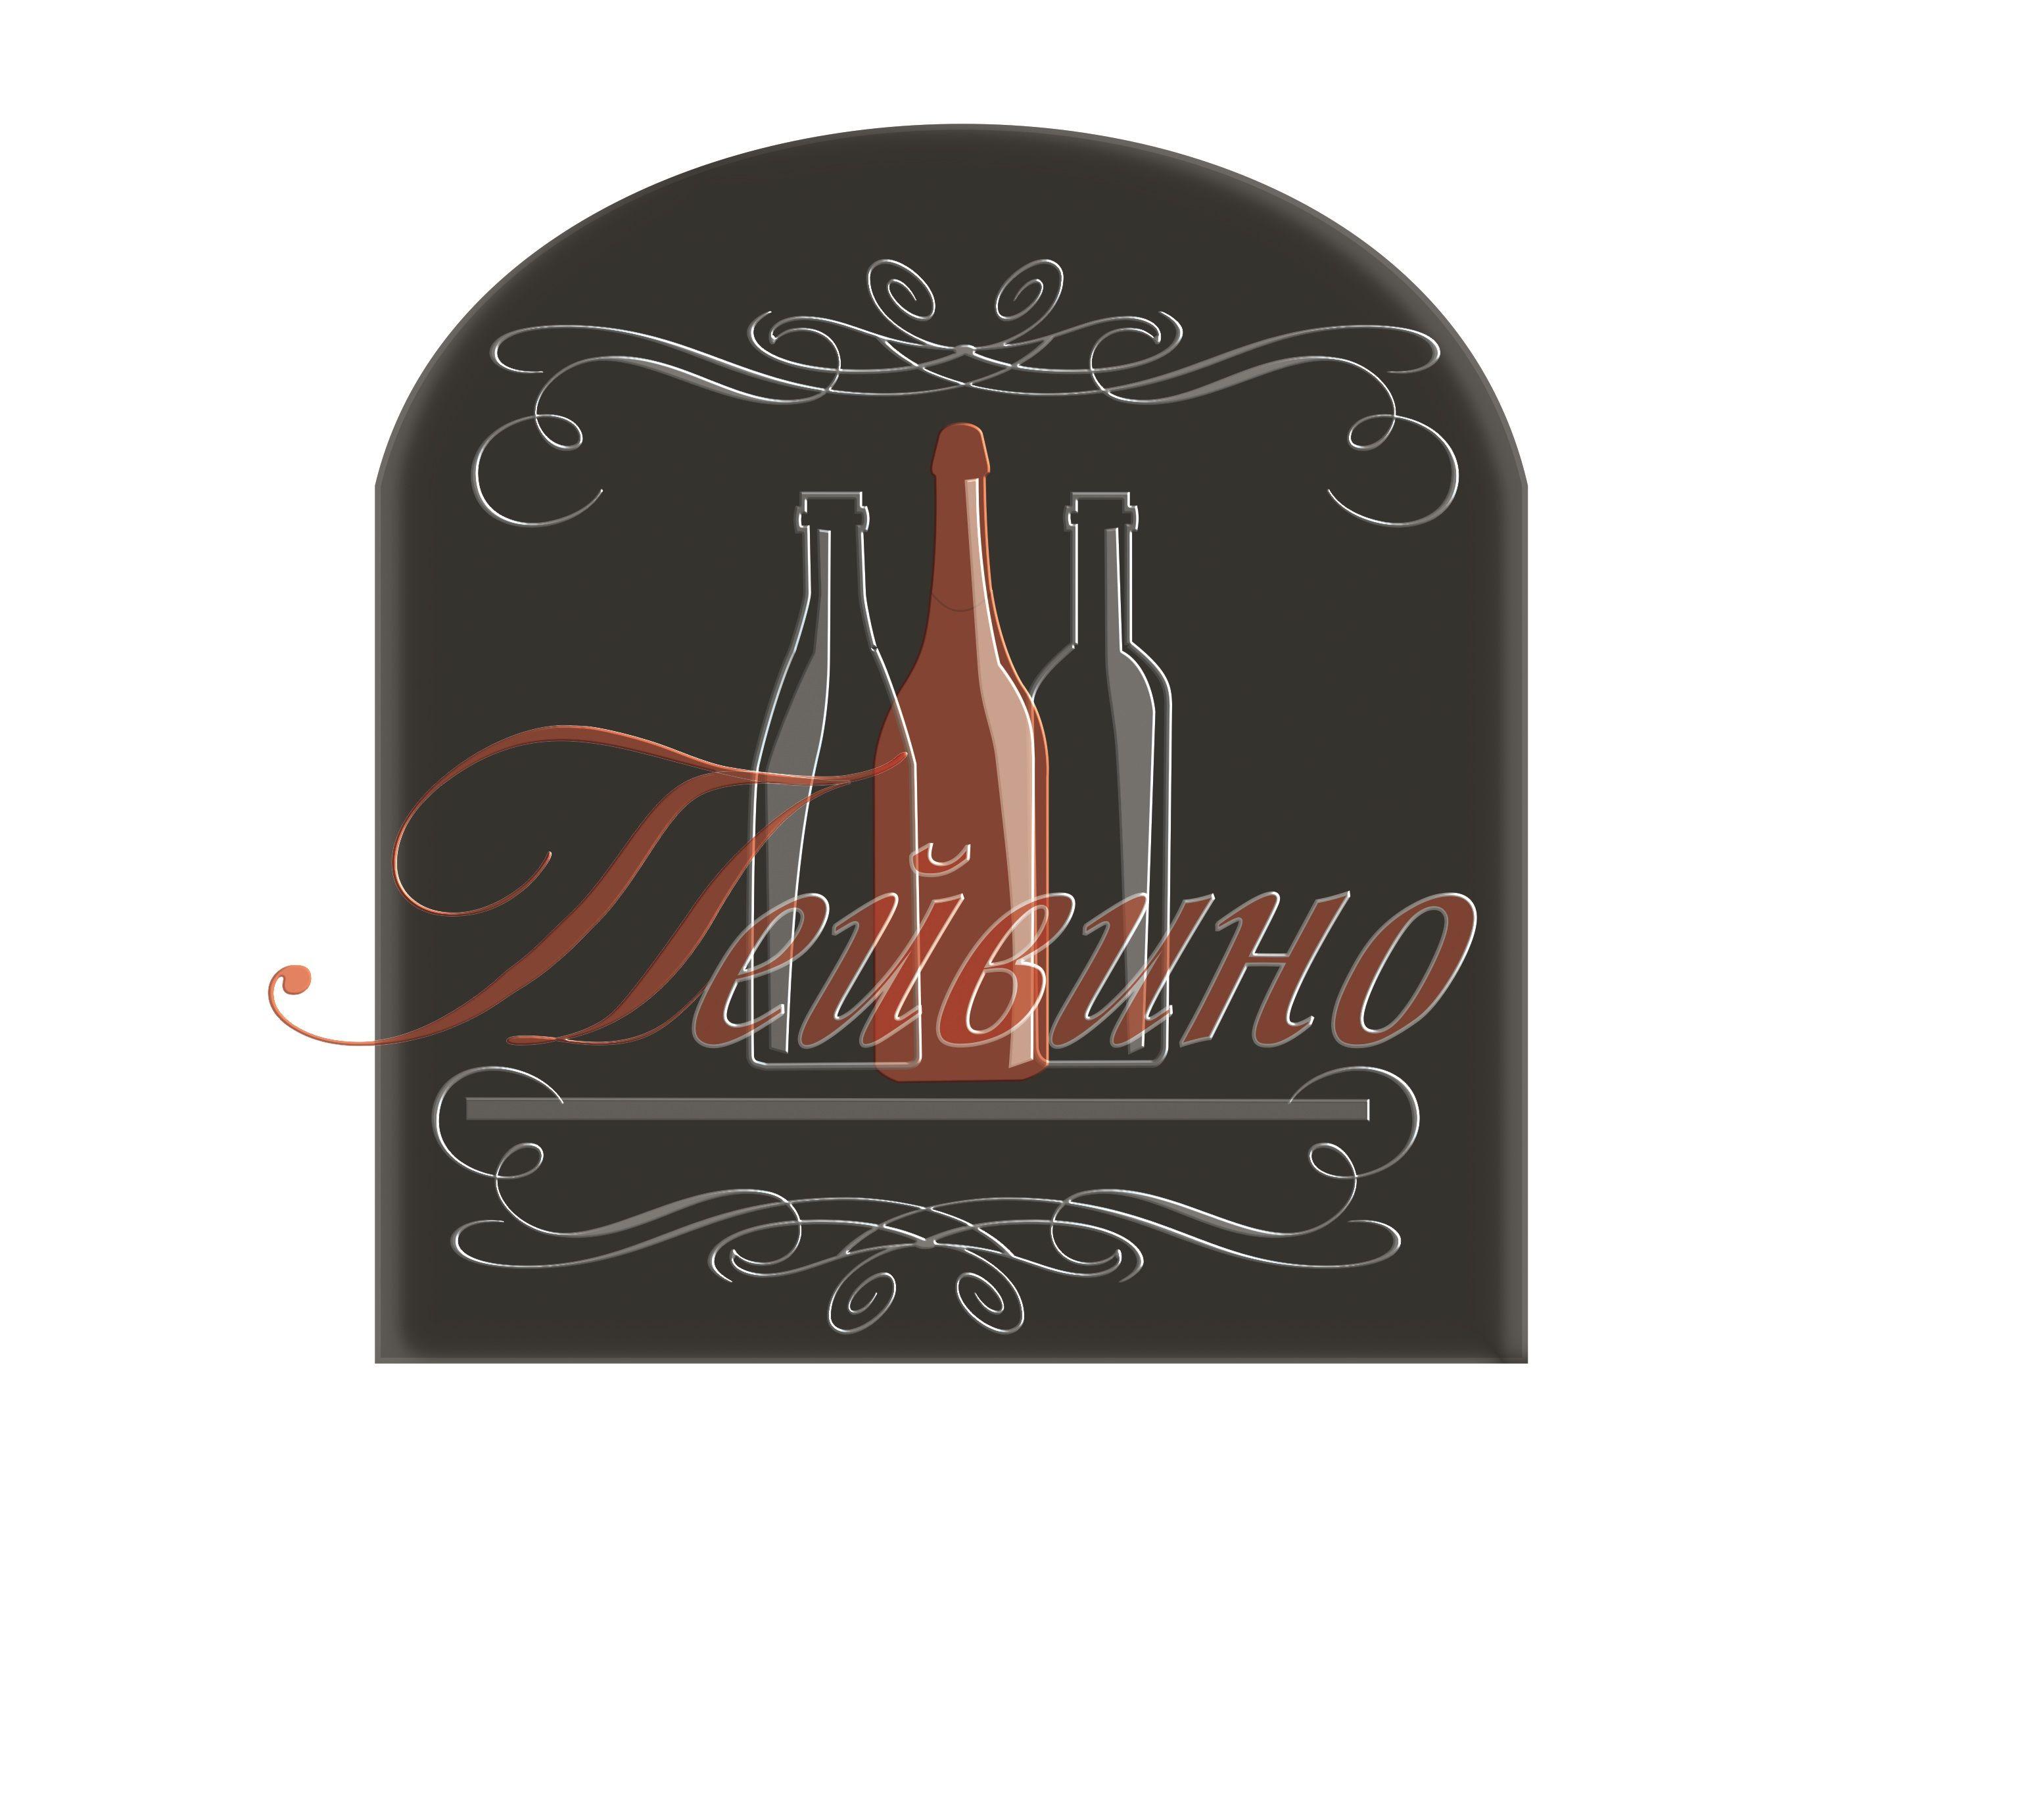 Фирменный стиль для компании Пейвино - дизайнер omega2073